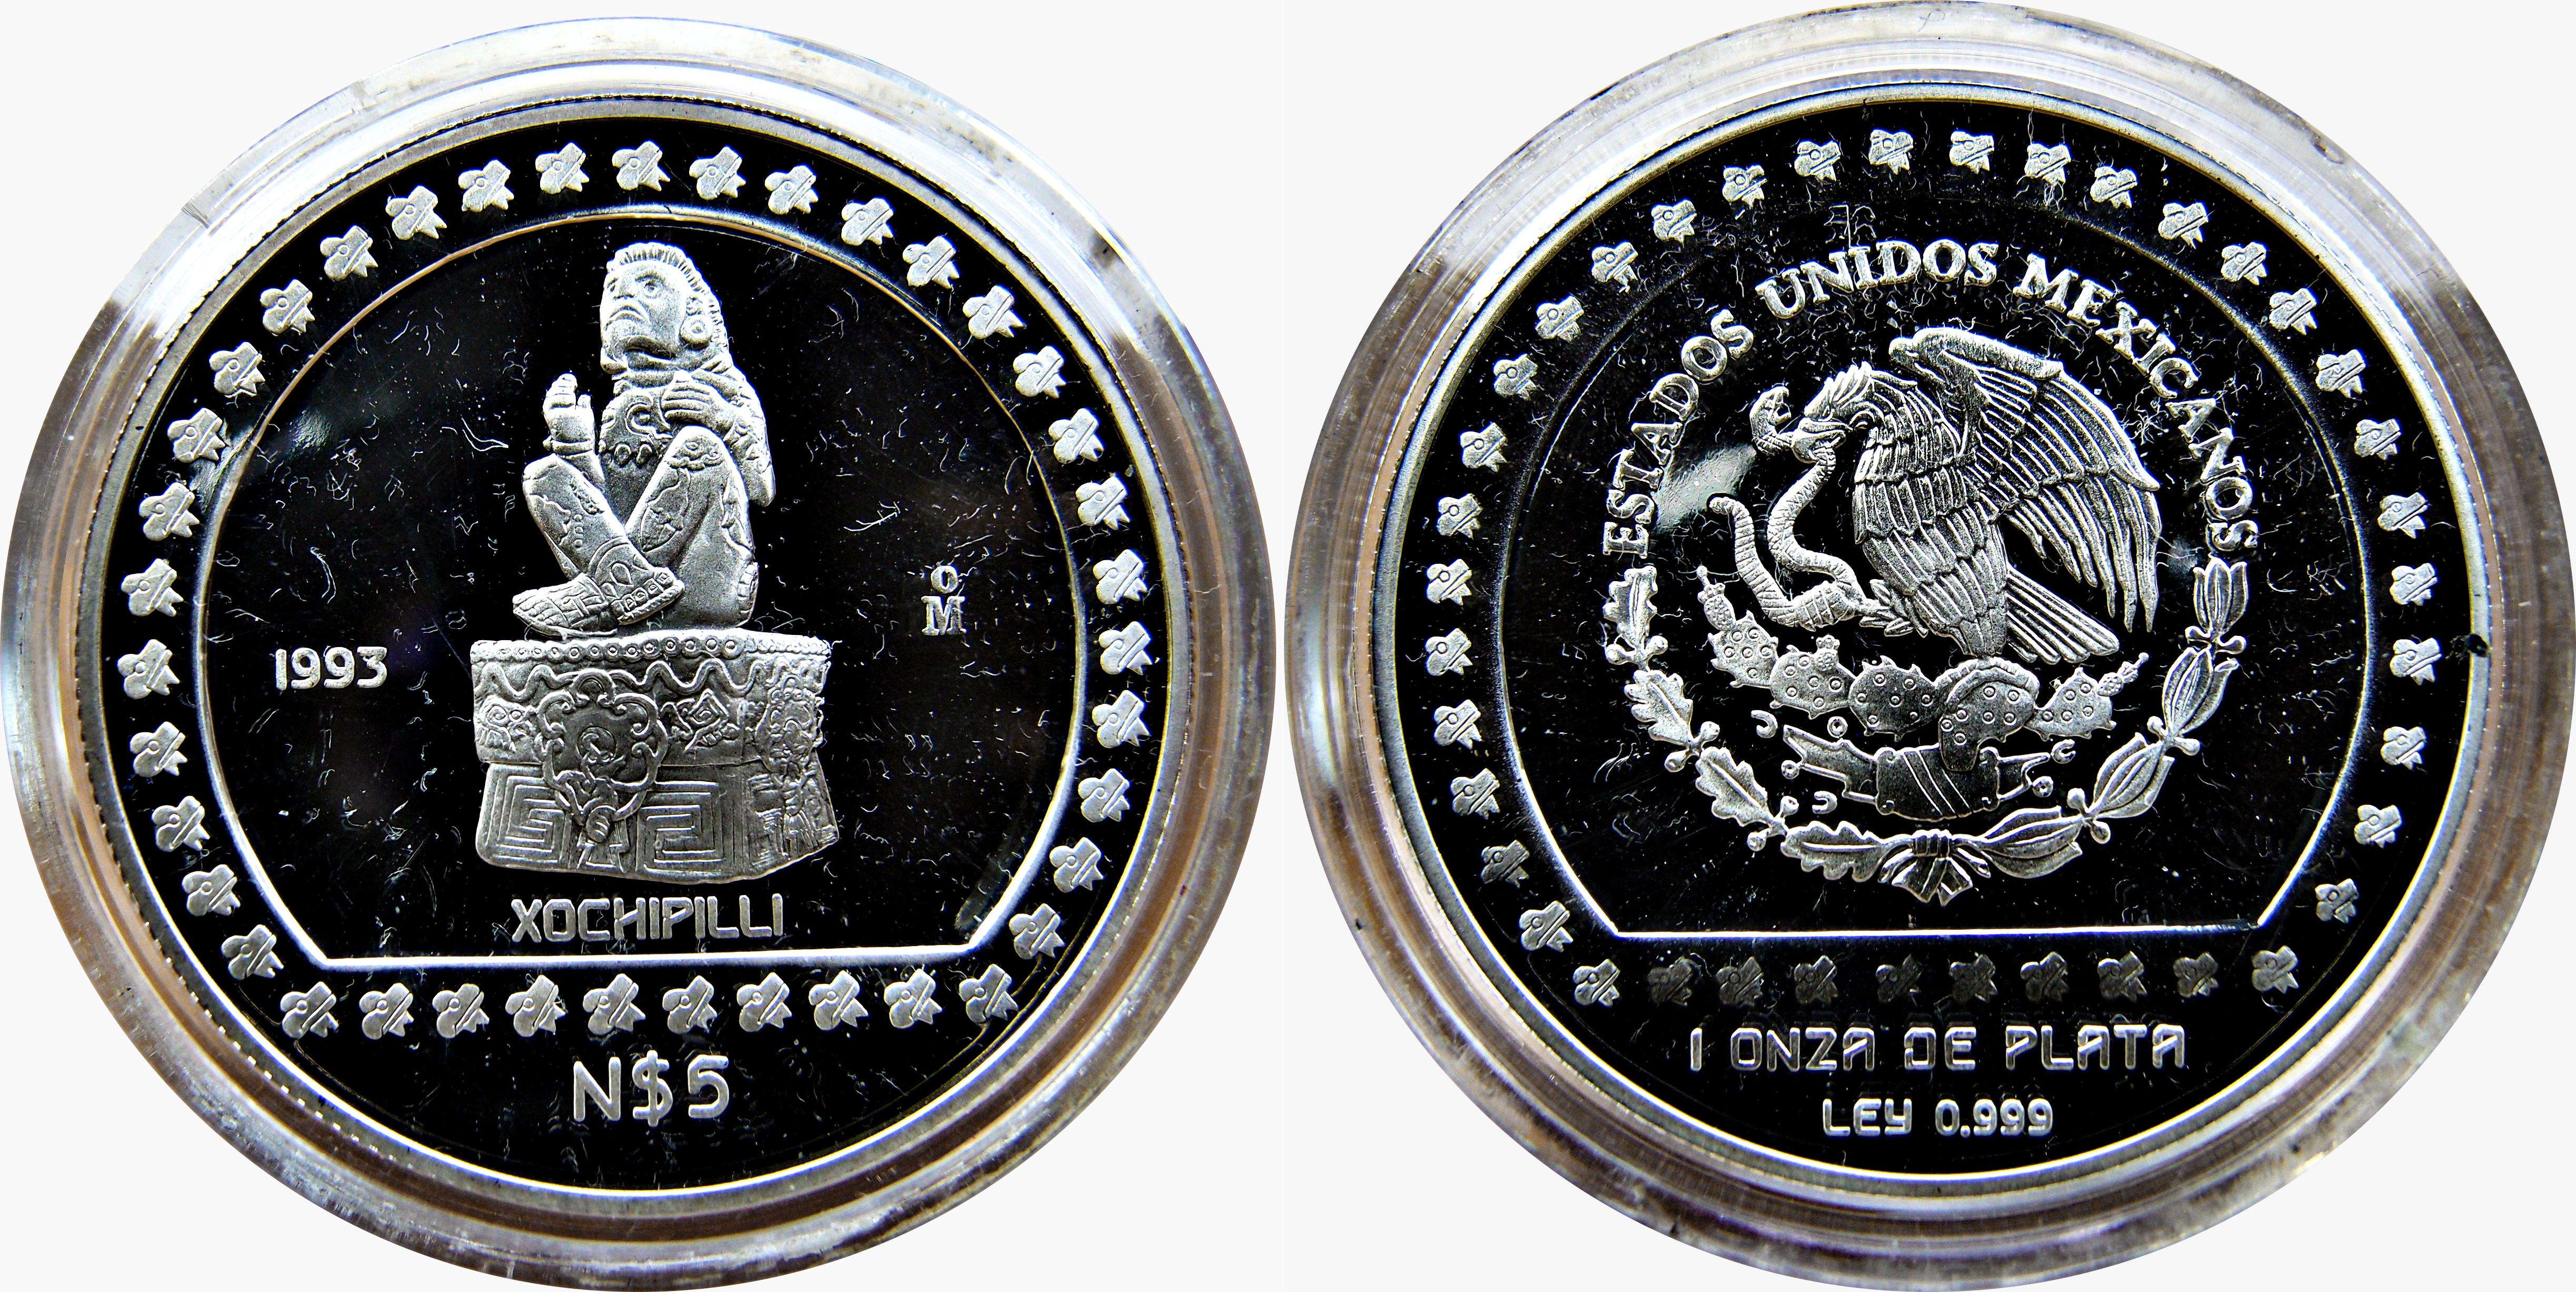 Colección Precolombina de onzas de plata del Banco de Mexico 12124234033_b3eefc4d9d_o